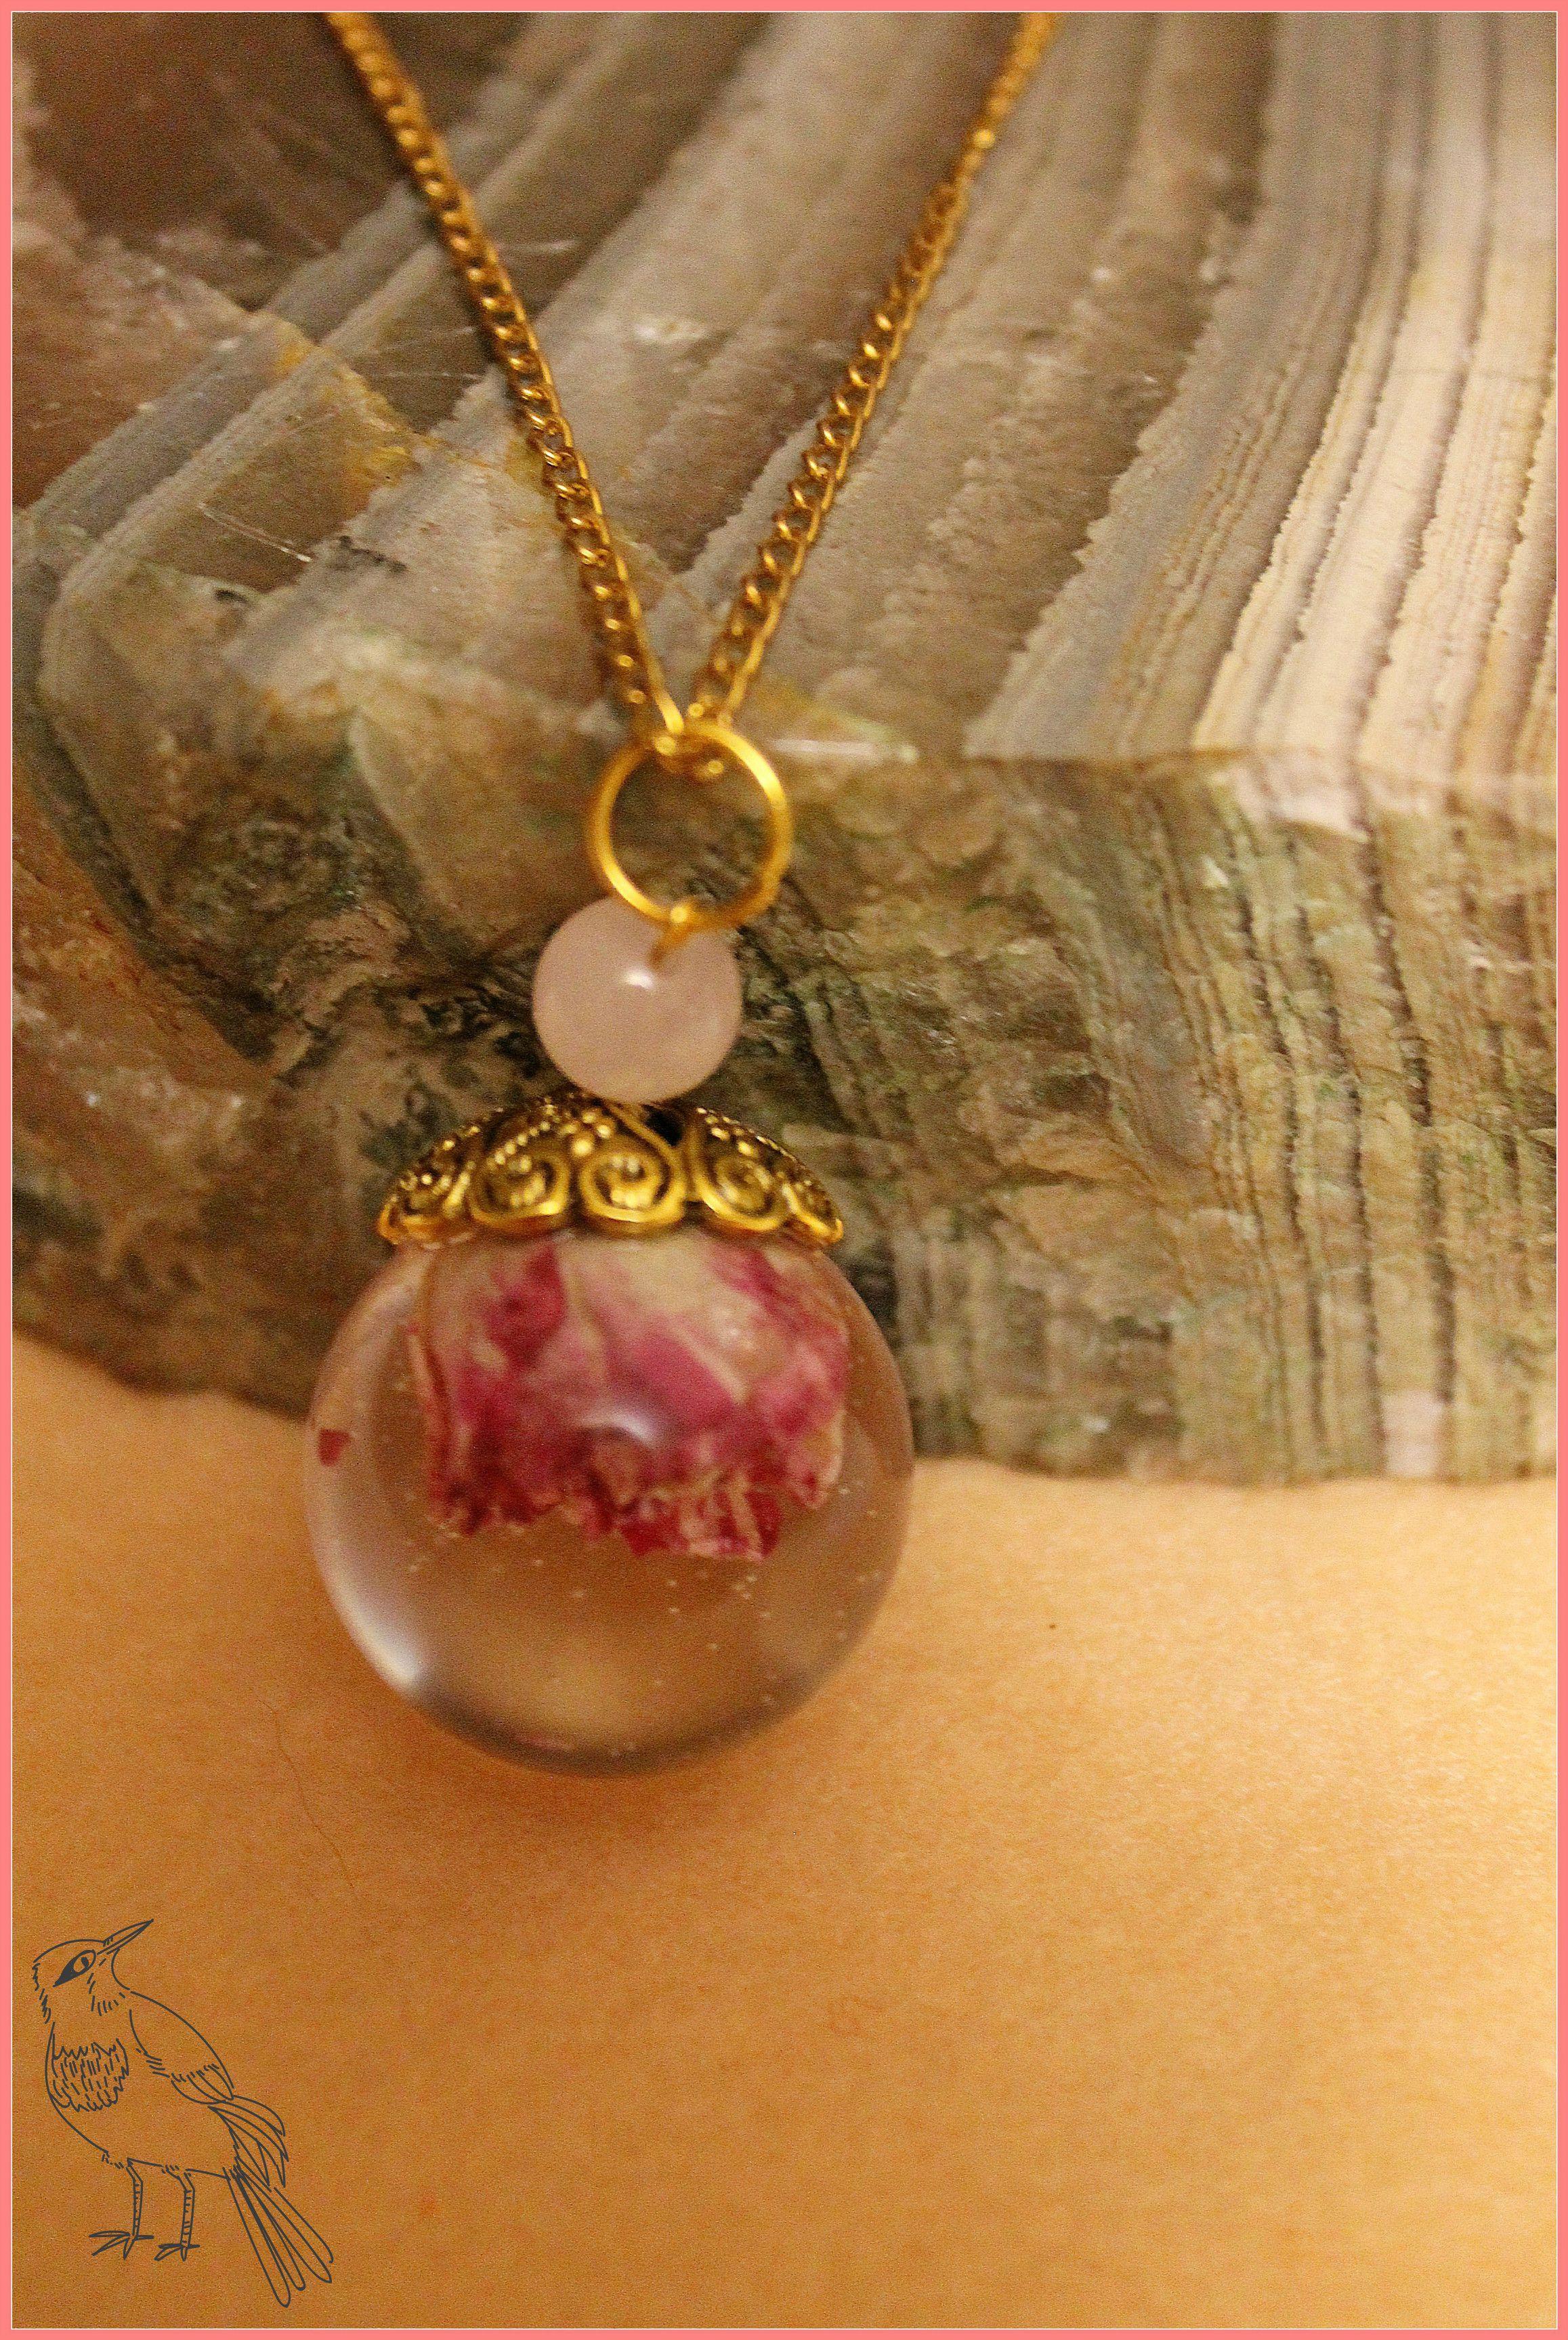 бутон подарок ювелирнаясмола украшение роза сухоцветы девушке цветы бижутерия